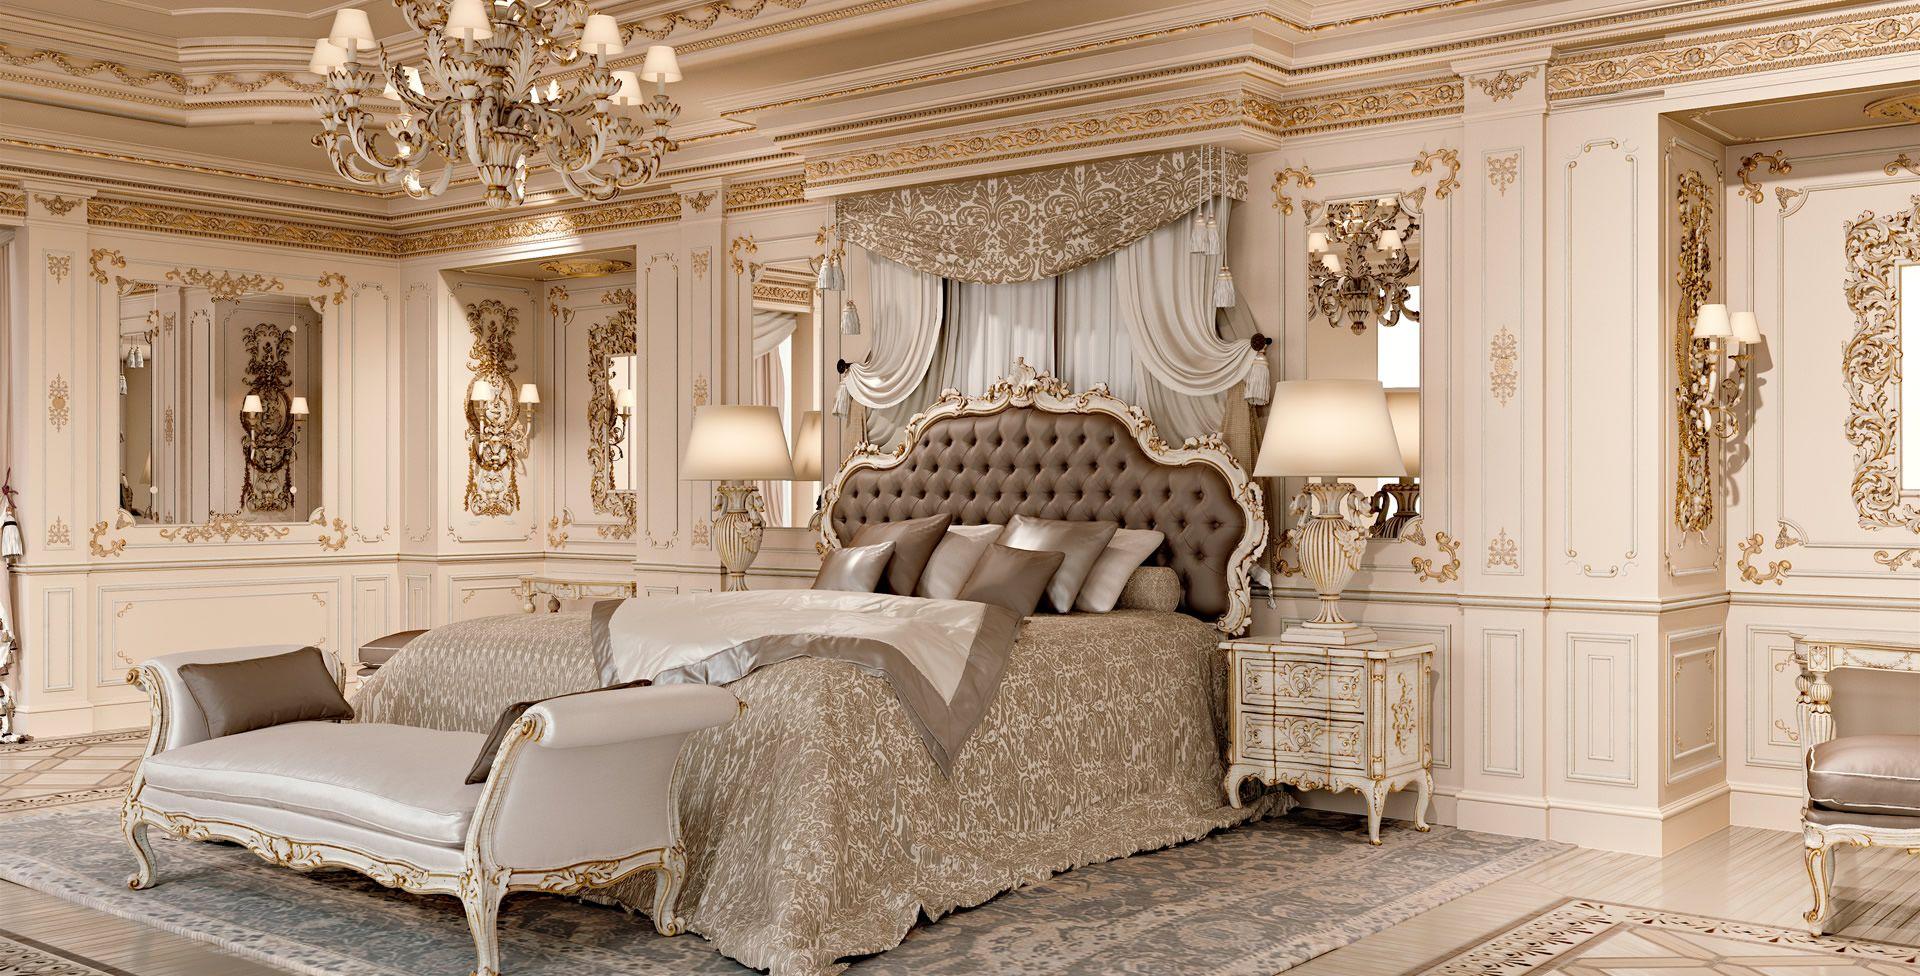 Beautiful Italian Bedroom Furniture Google Search Luxury